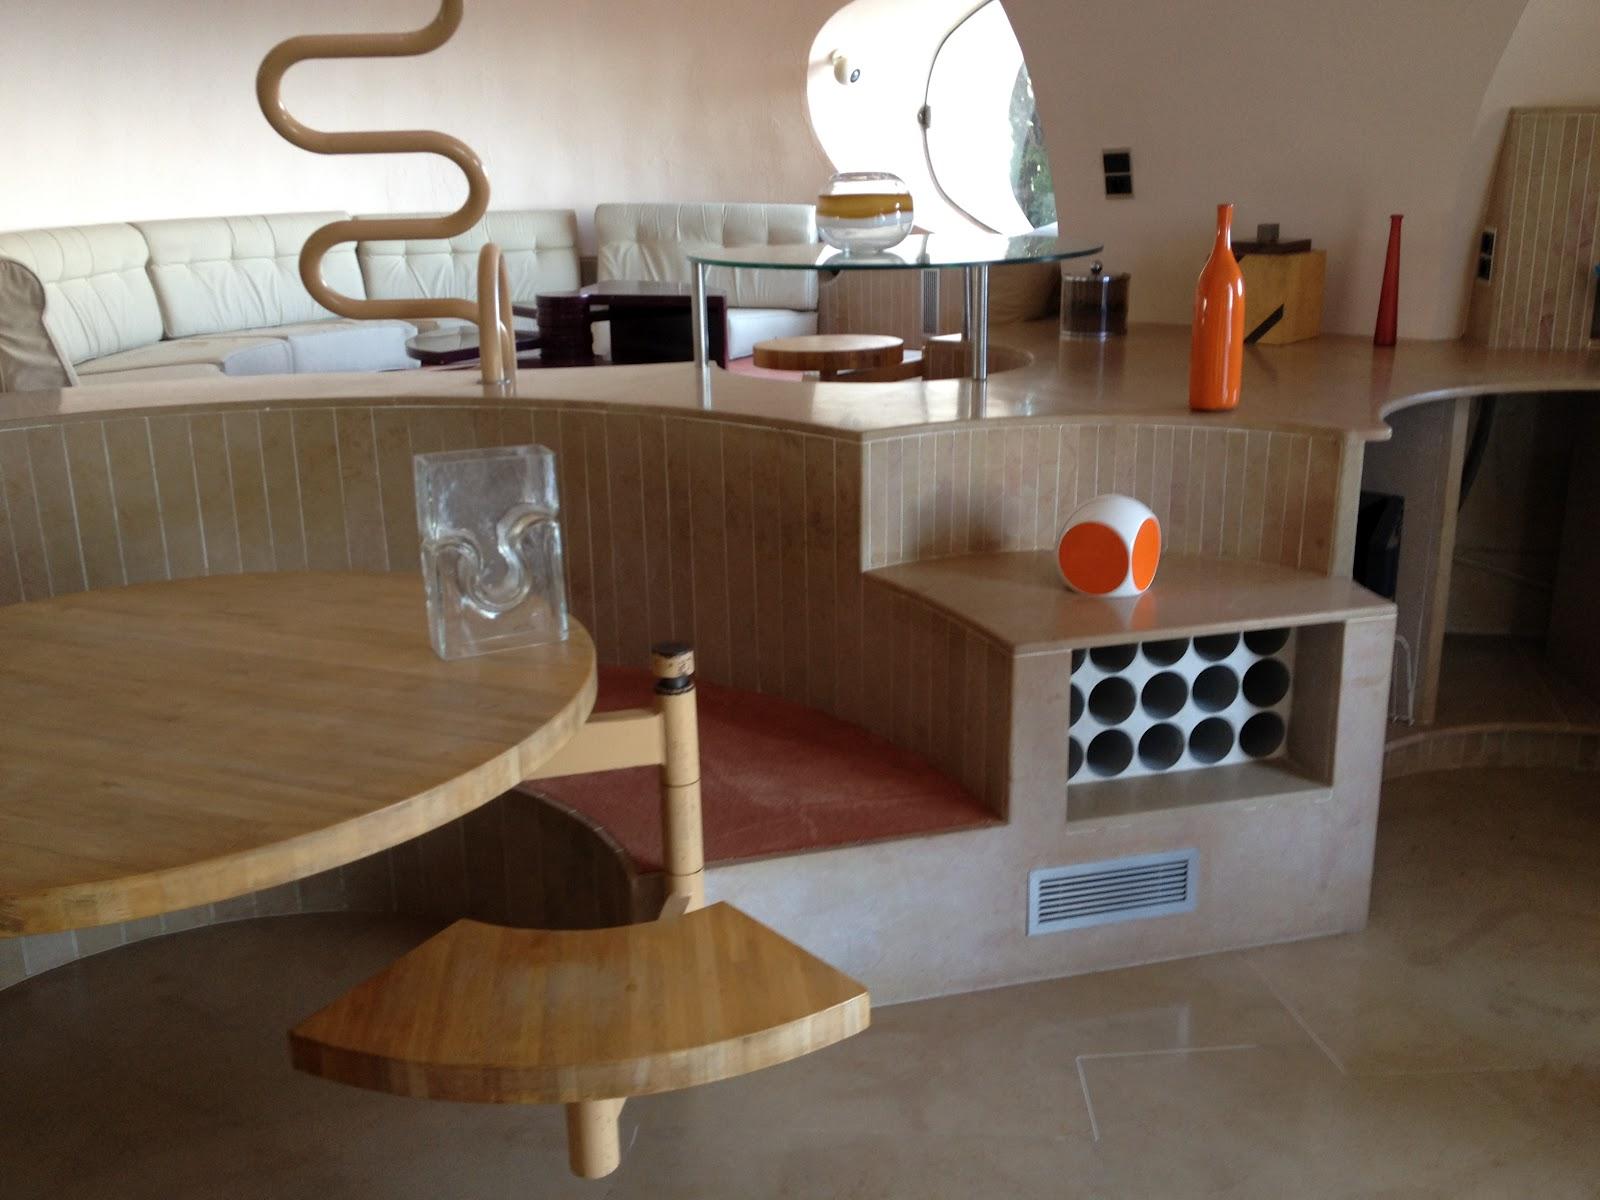 Кухня-столовая в пузырчатом доме Пьера Кардена во Франции